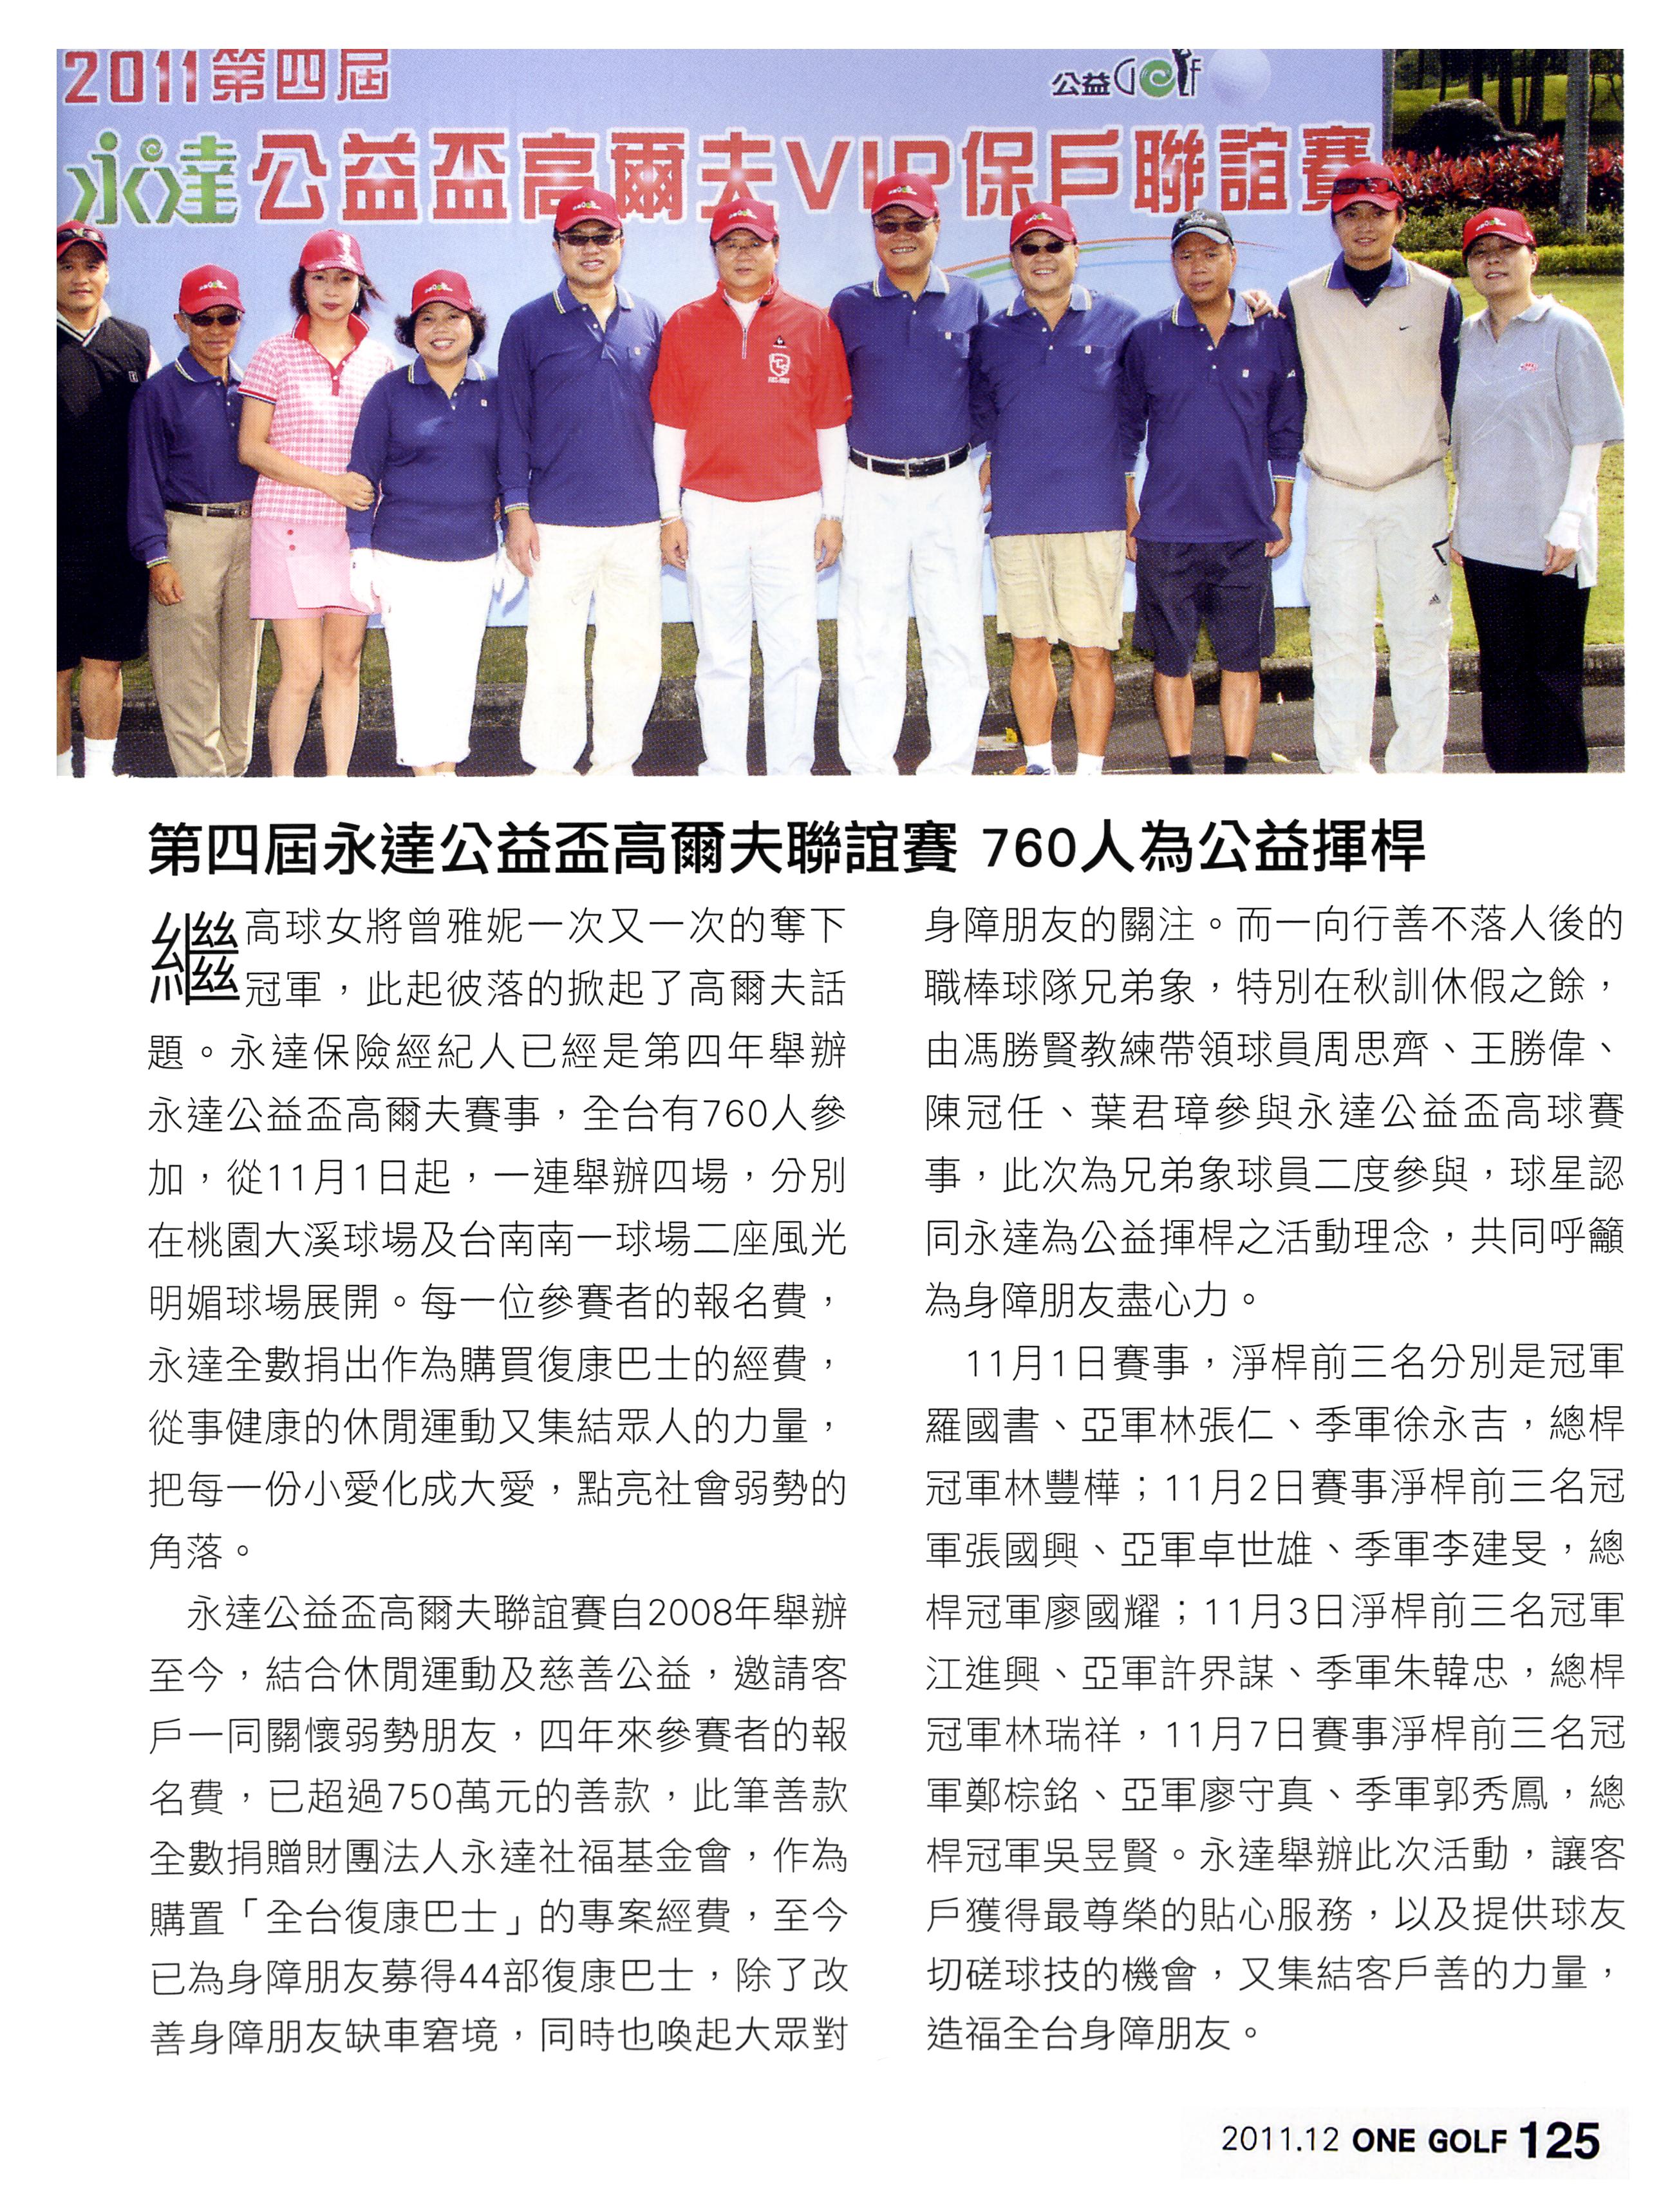 第四屆永達公益盃高爾夫聯誼賽760人為公益揮桿圖檔